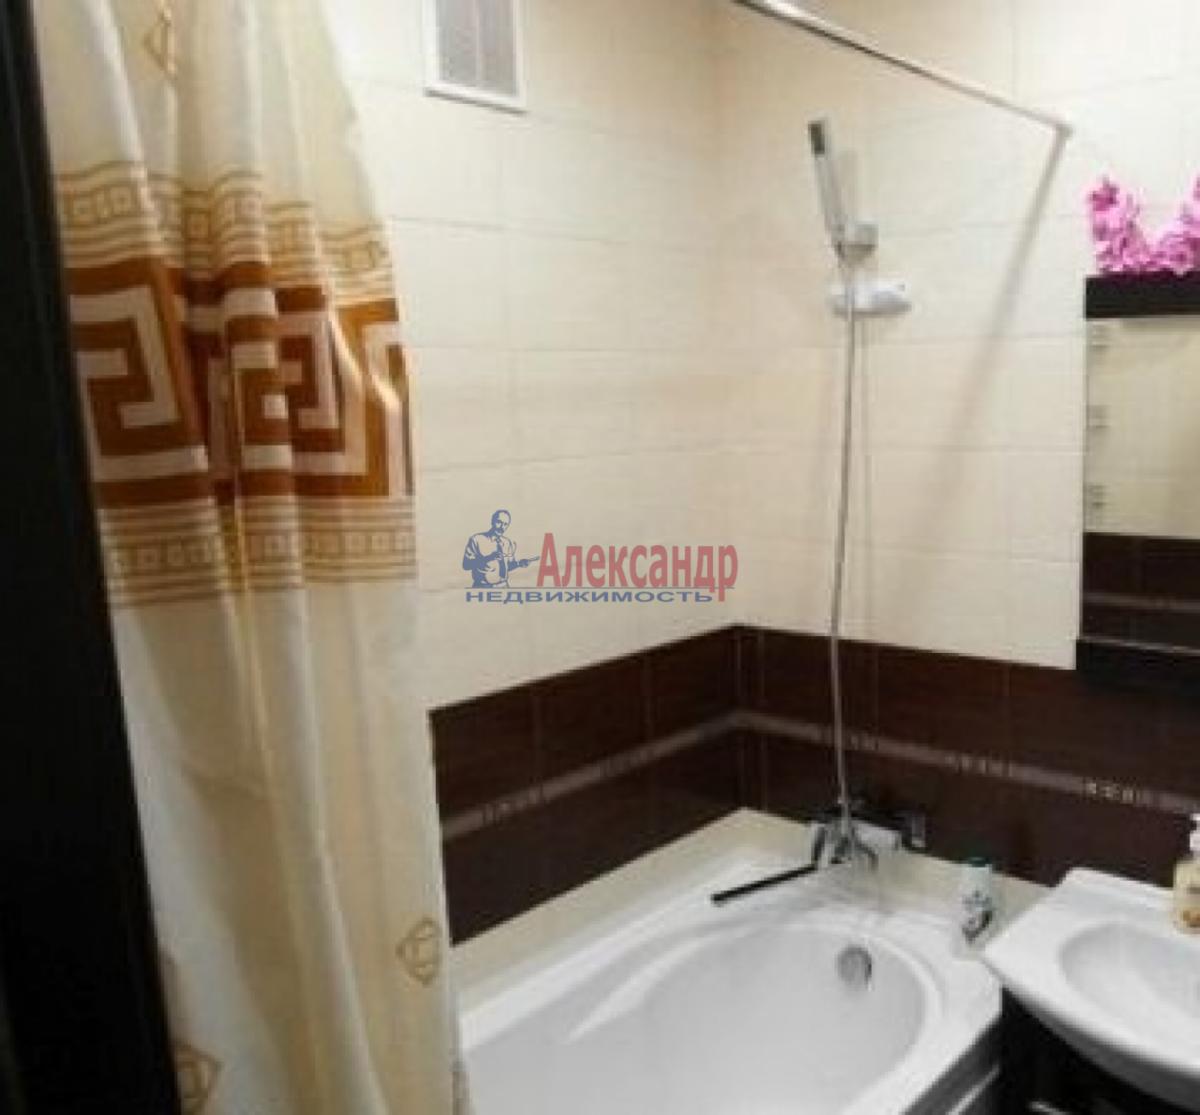 2-комнатная квартира (63м2) в аренду по адресу Киевская ул.— фото 2 из 15